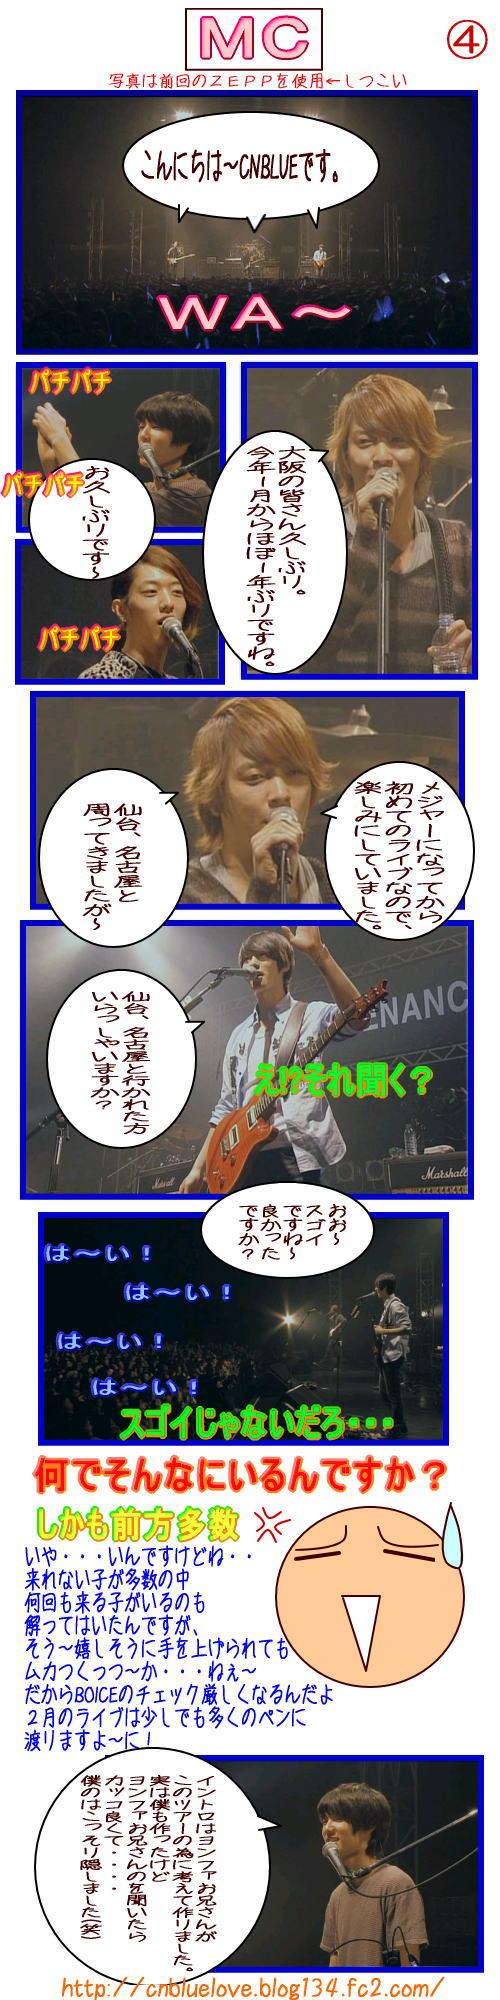 2011.12.14Zepp大阪レポ-4